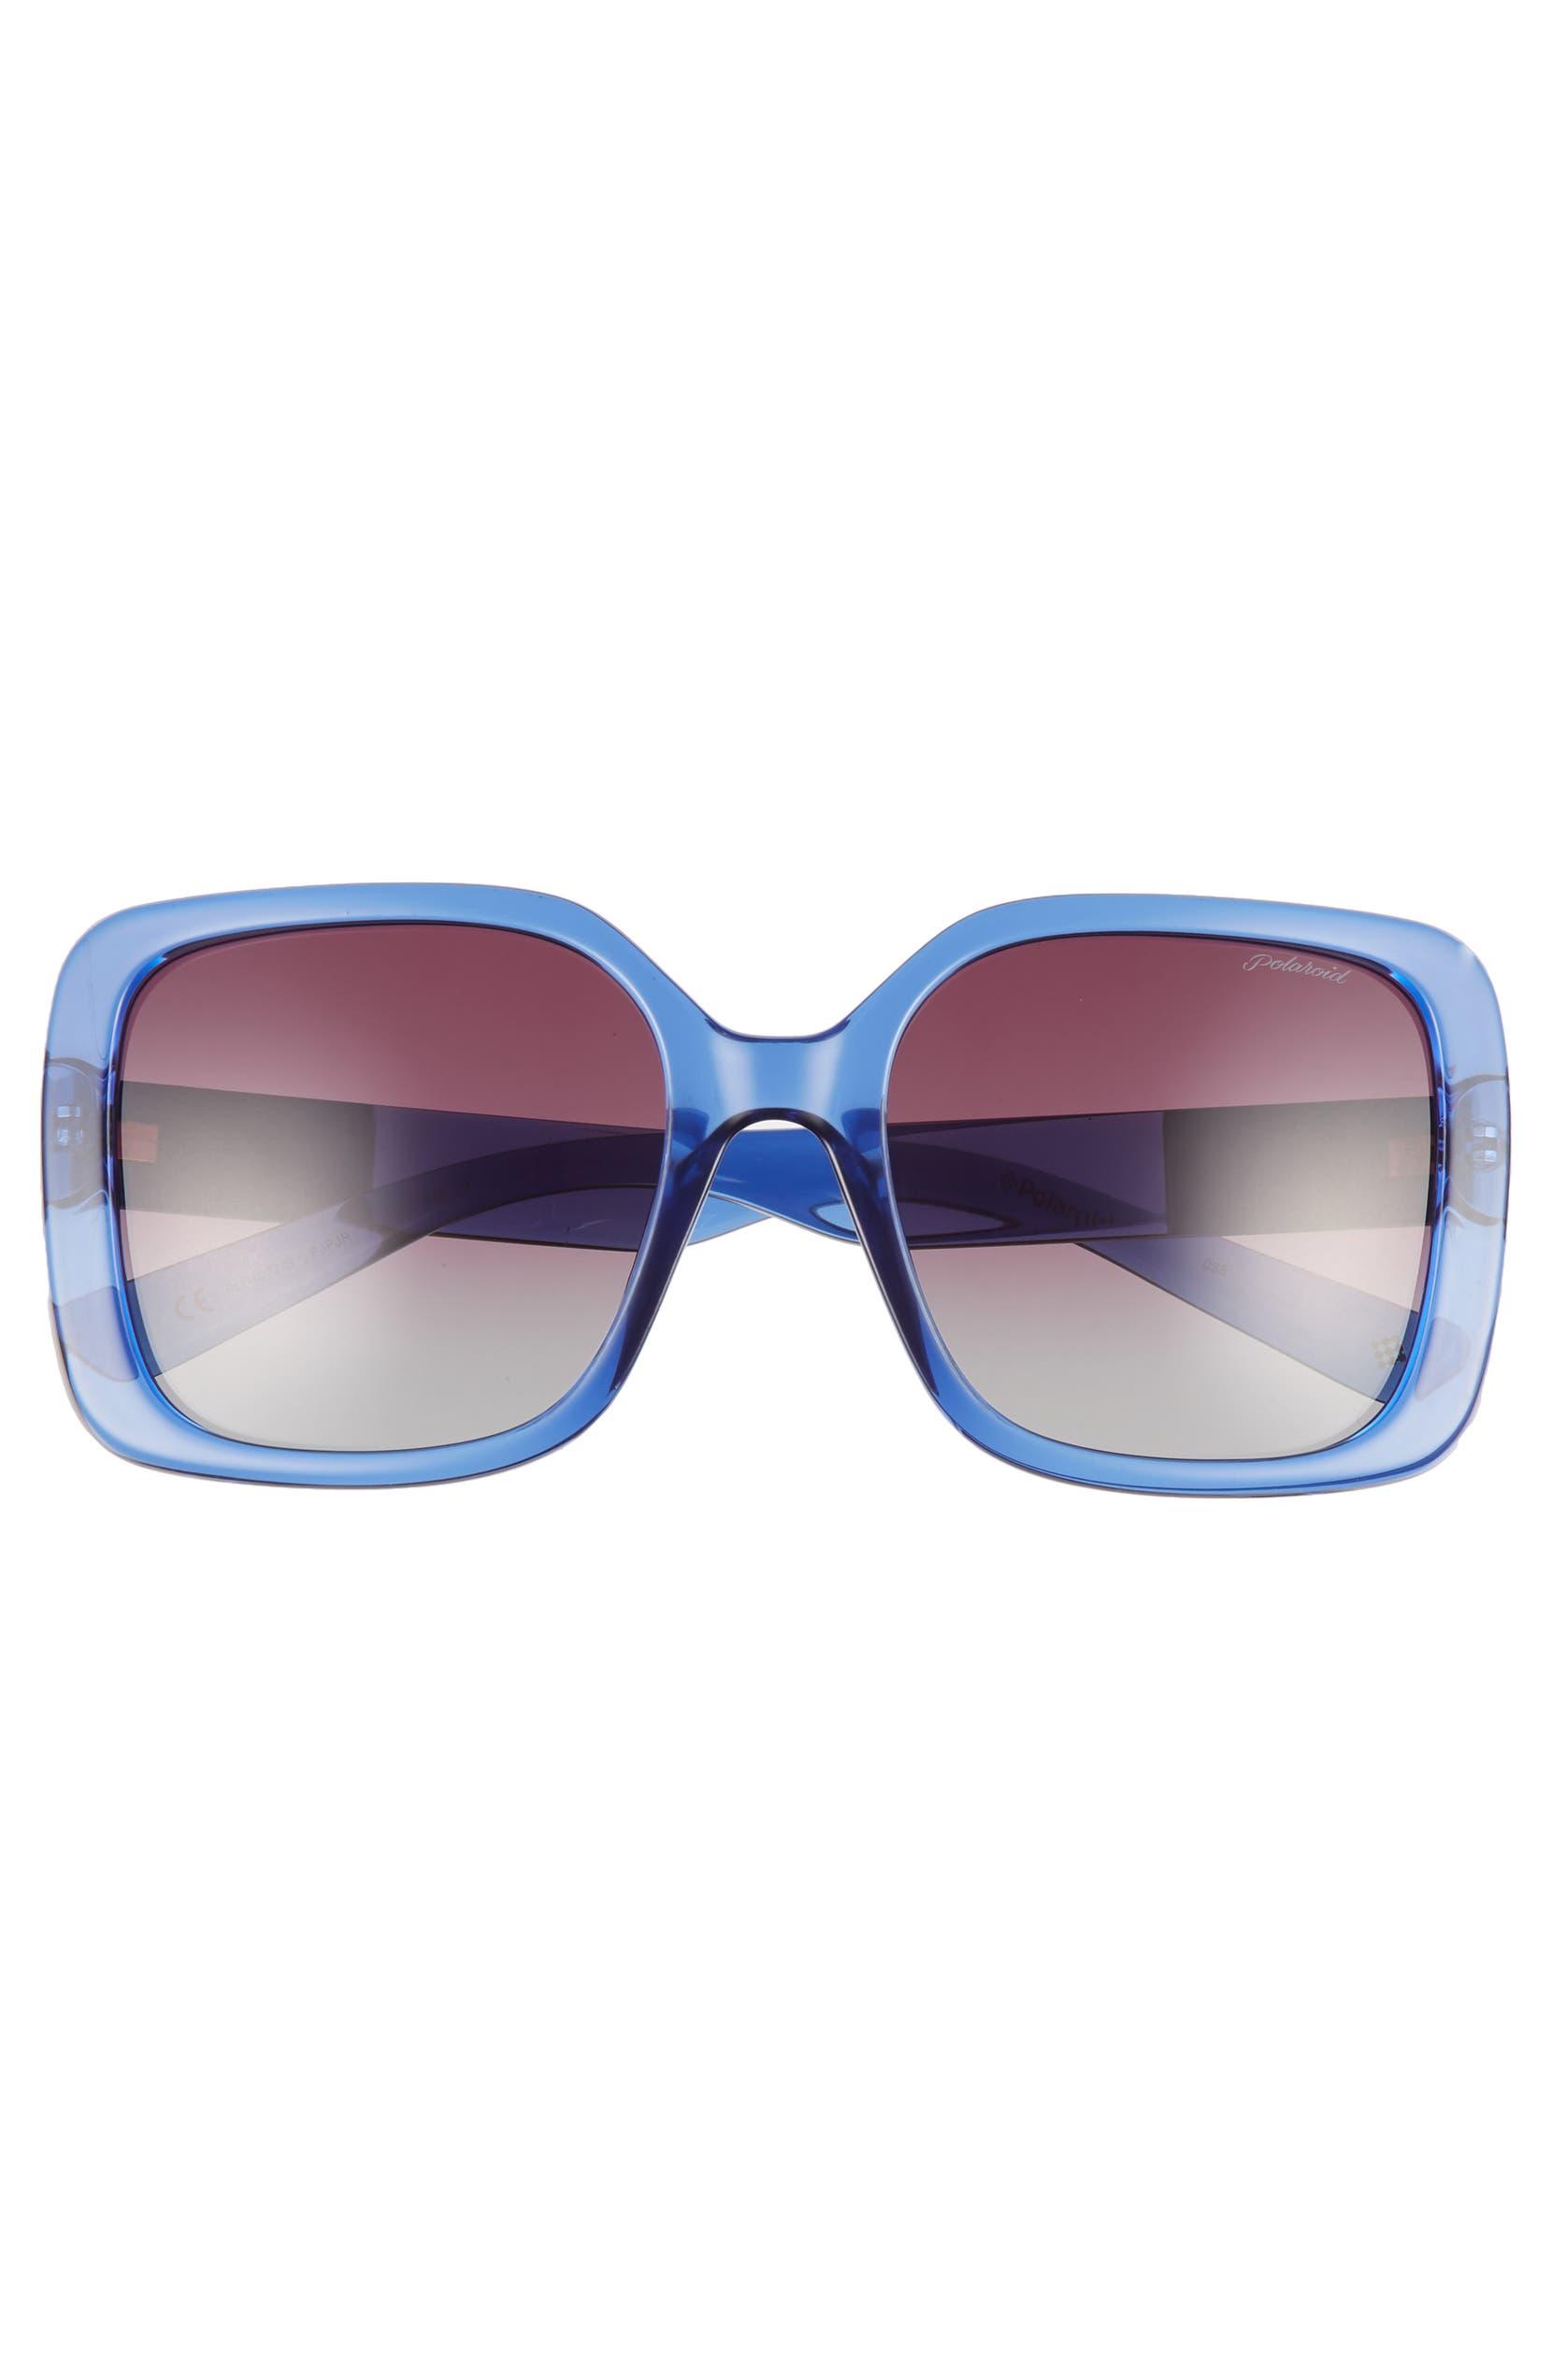 60e86fa7408 Polaroid 55mm Polarized Gradient Square Sunglasses